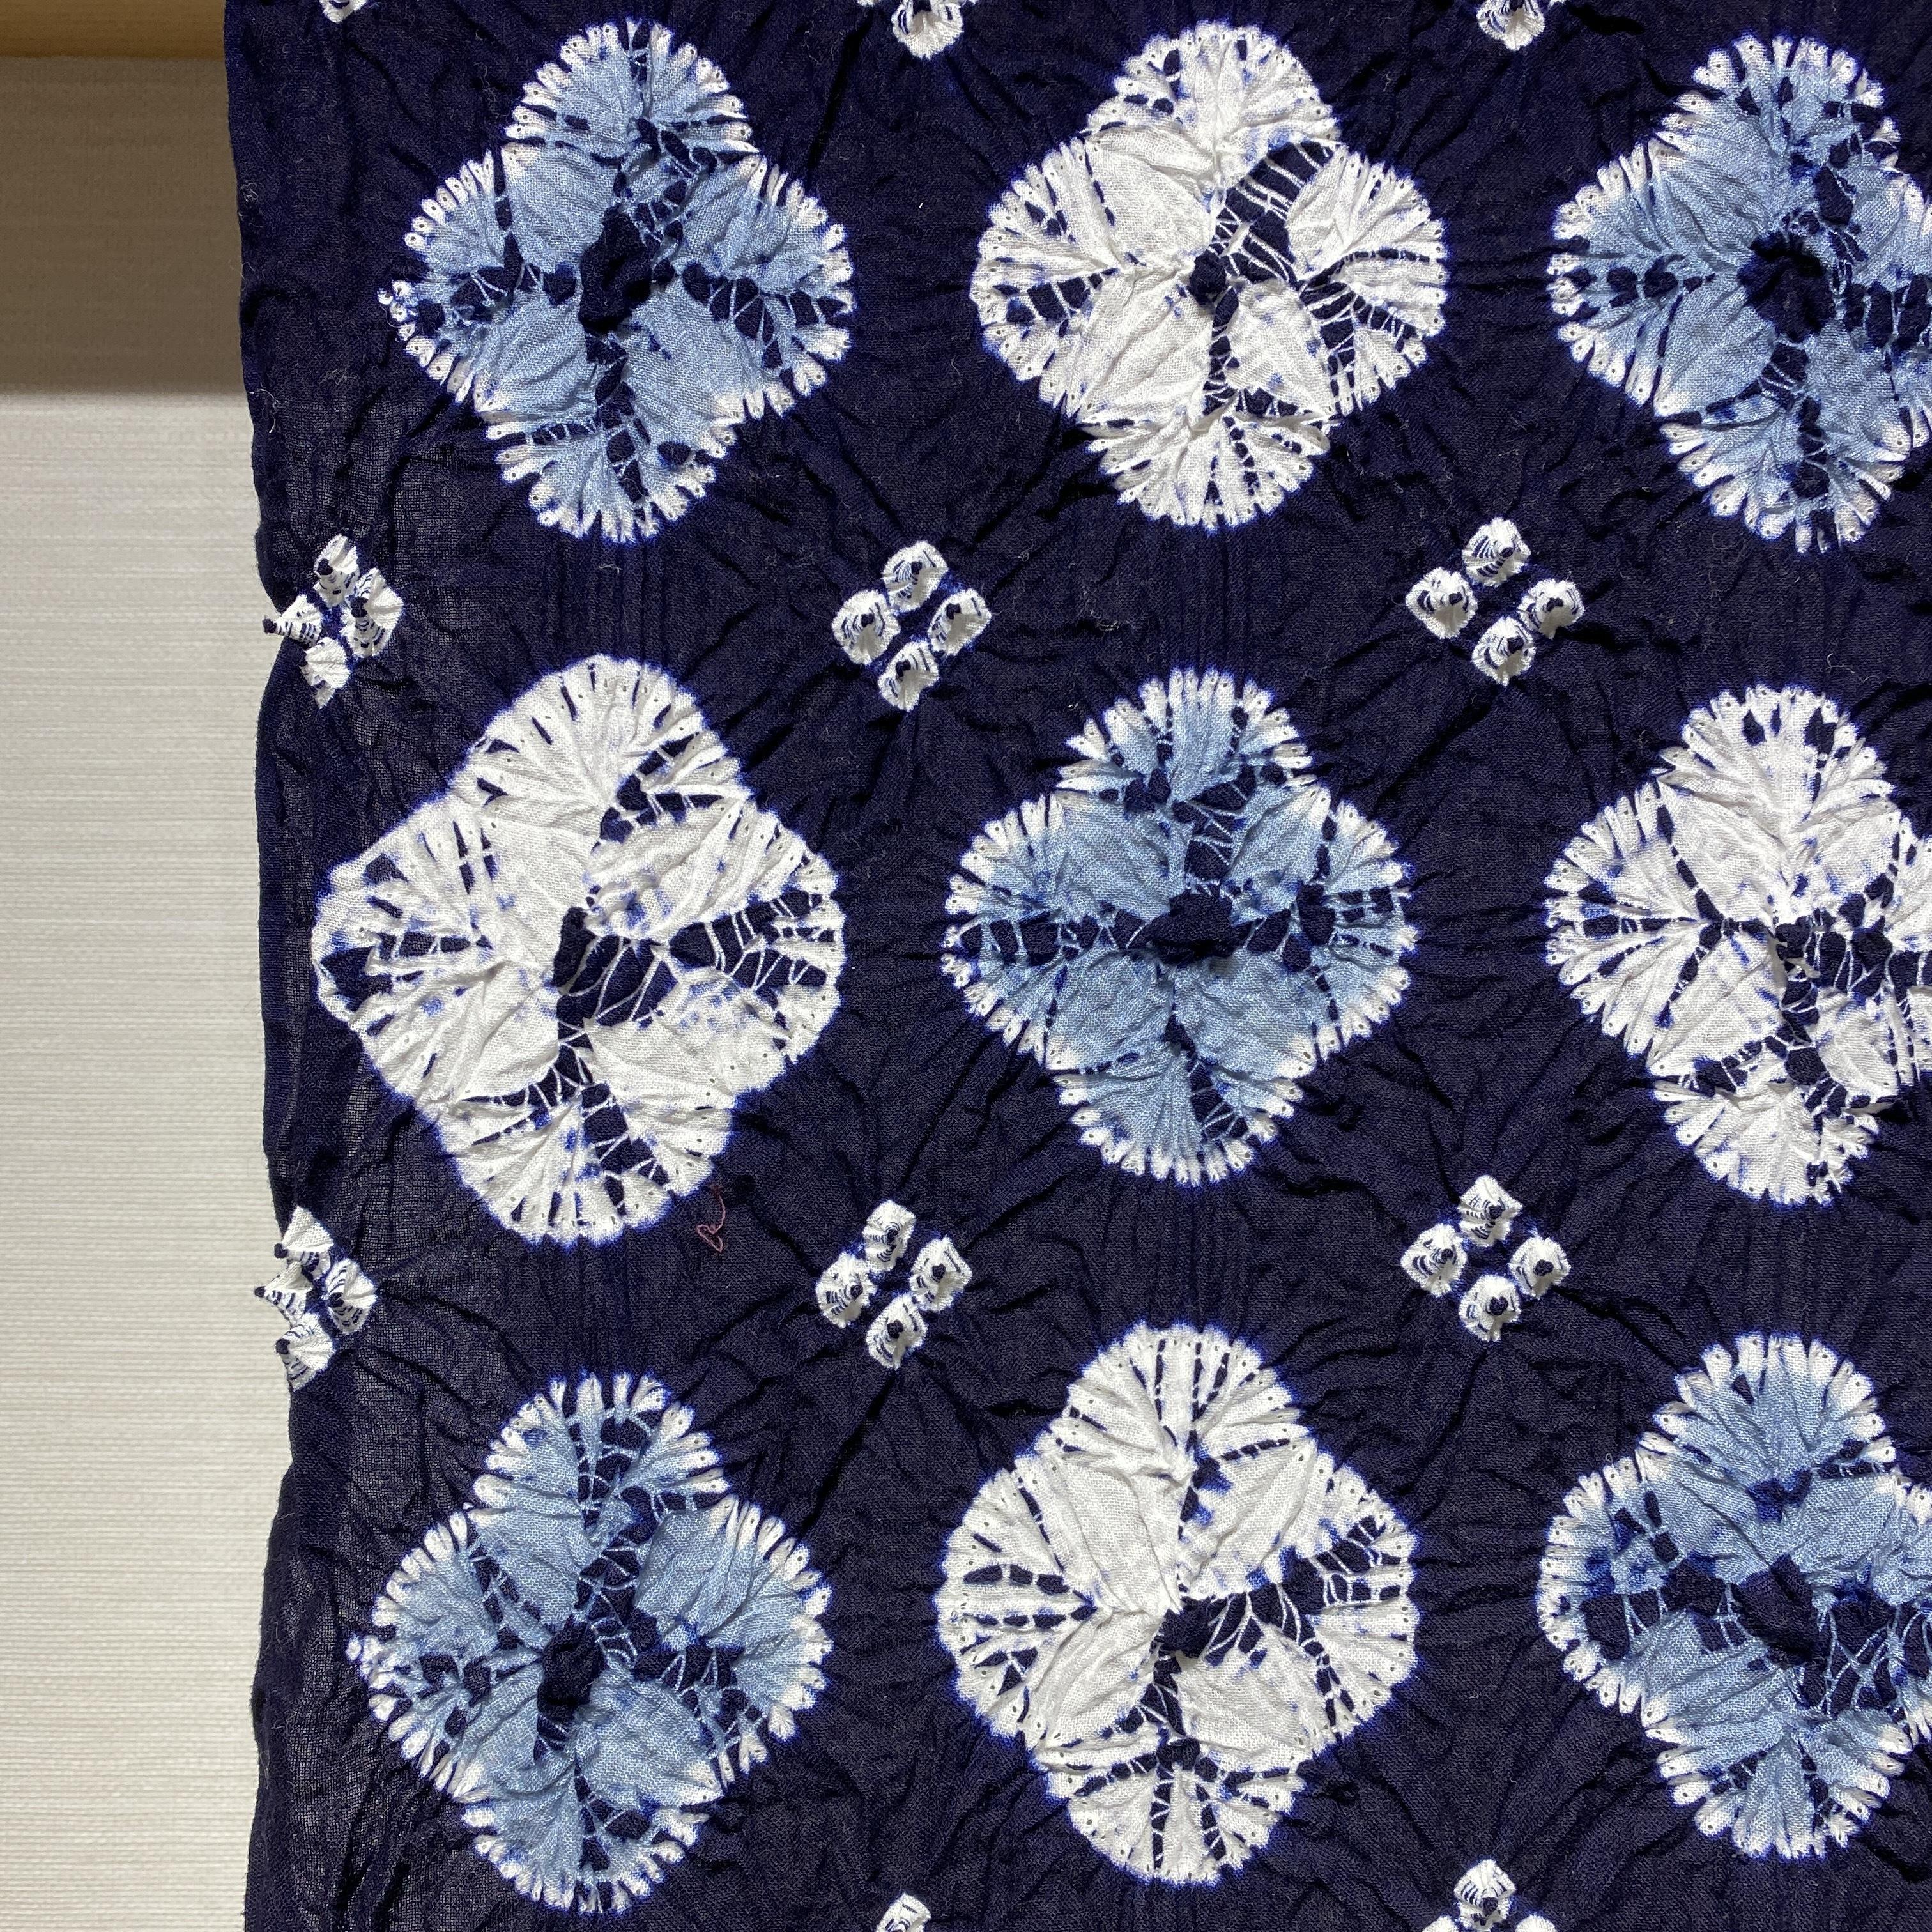 【誂え品】伝統的工芸品 有松絞り浴衣 藍小花 *お仕立代込